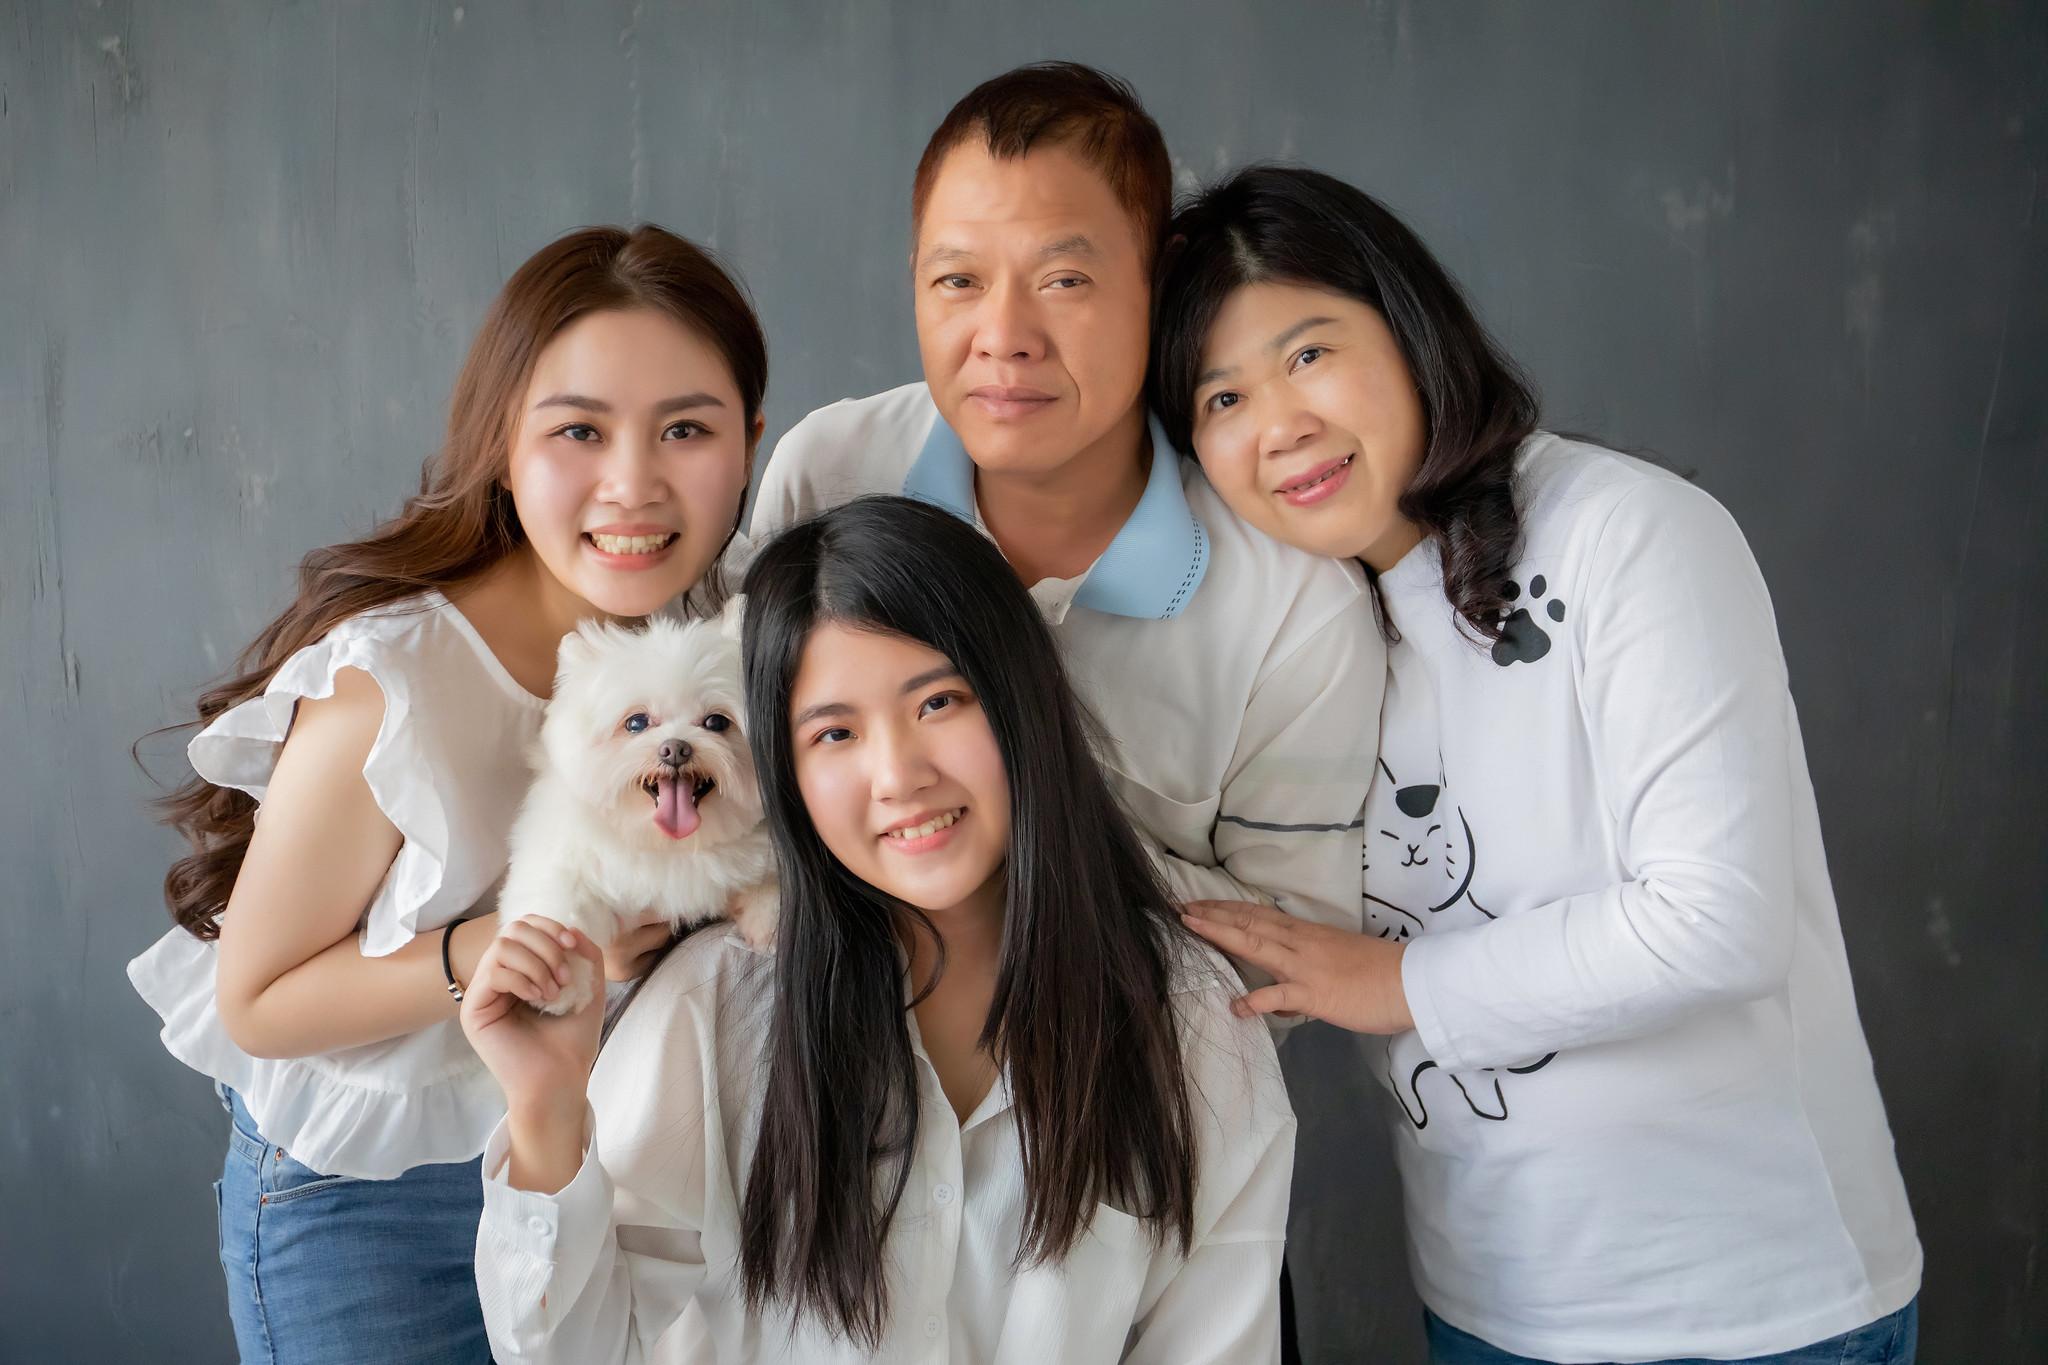 寵物寫真,全家福,親子拍攝,寫真攝影,週年攝影,寵物記錄,寵物攝影,appleface攝影,臉紅紅攝影